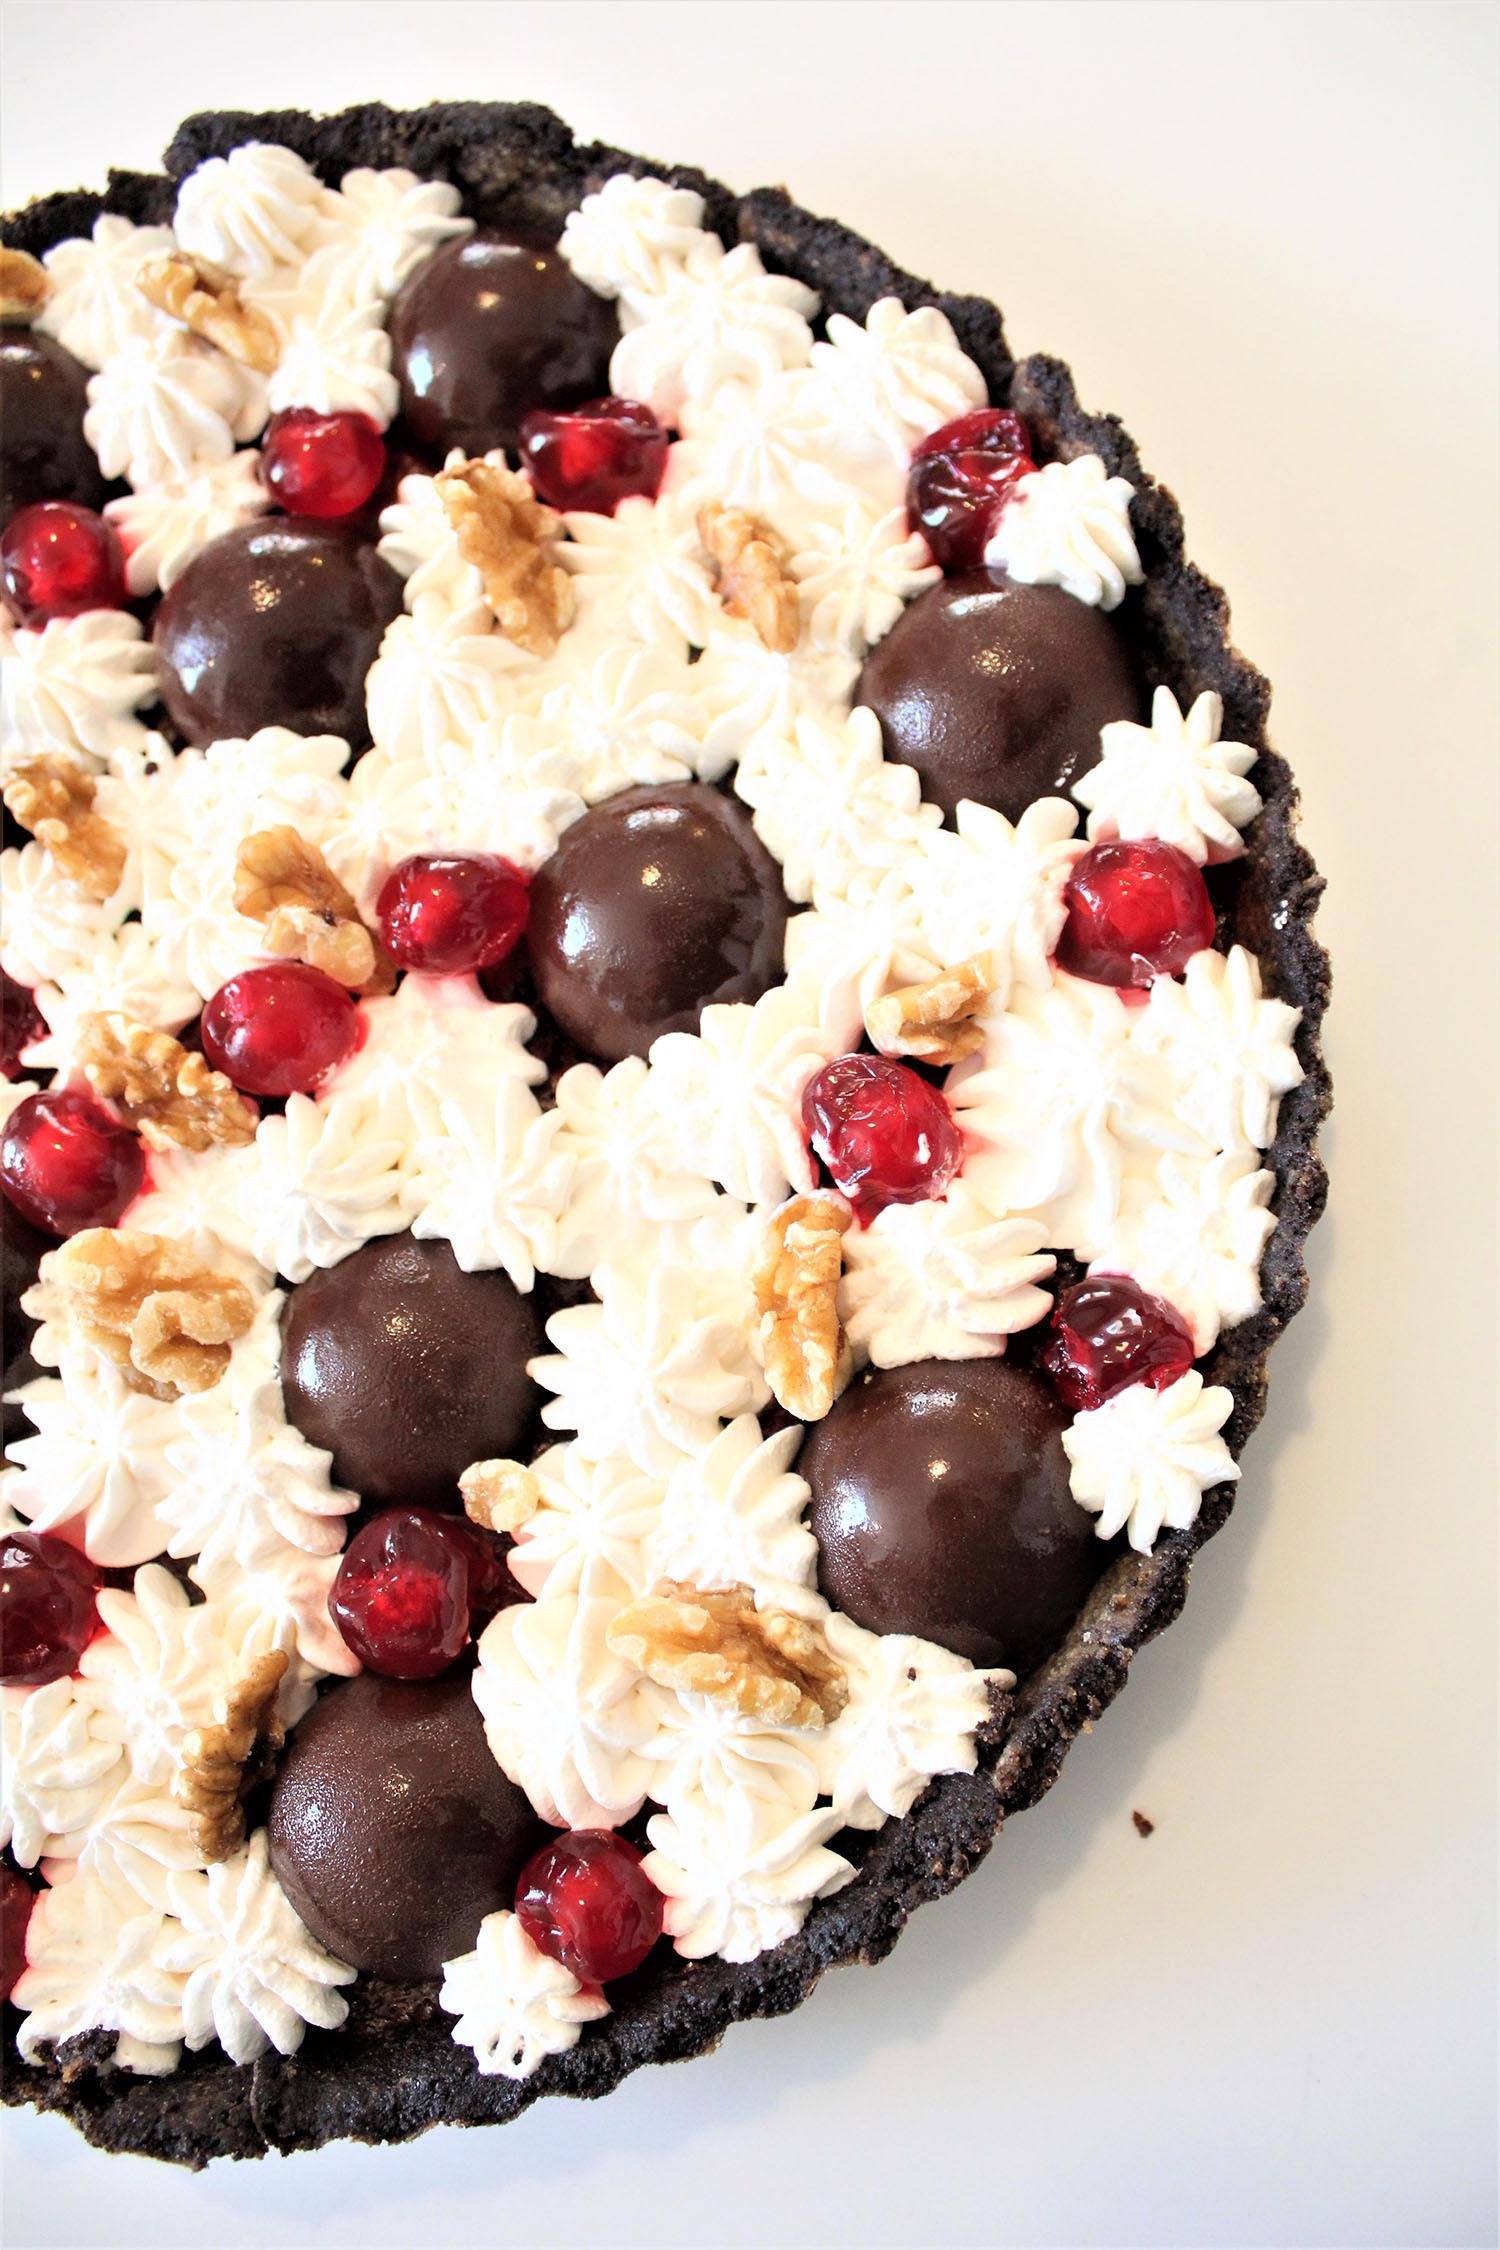 IMG 5105 - טארט שוקולד ודובדבנים